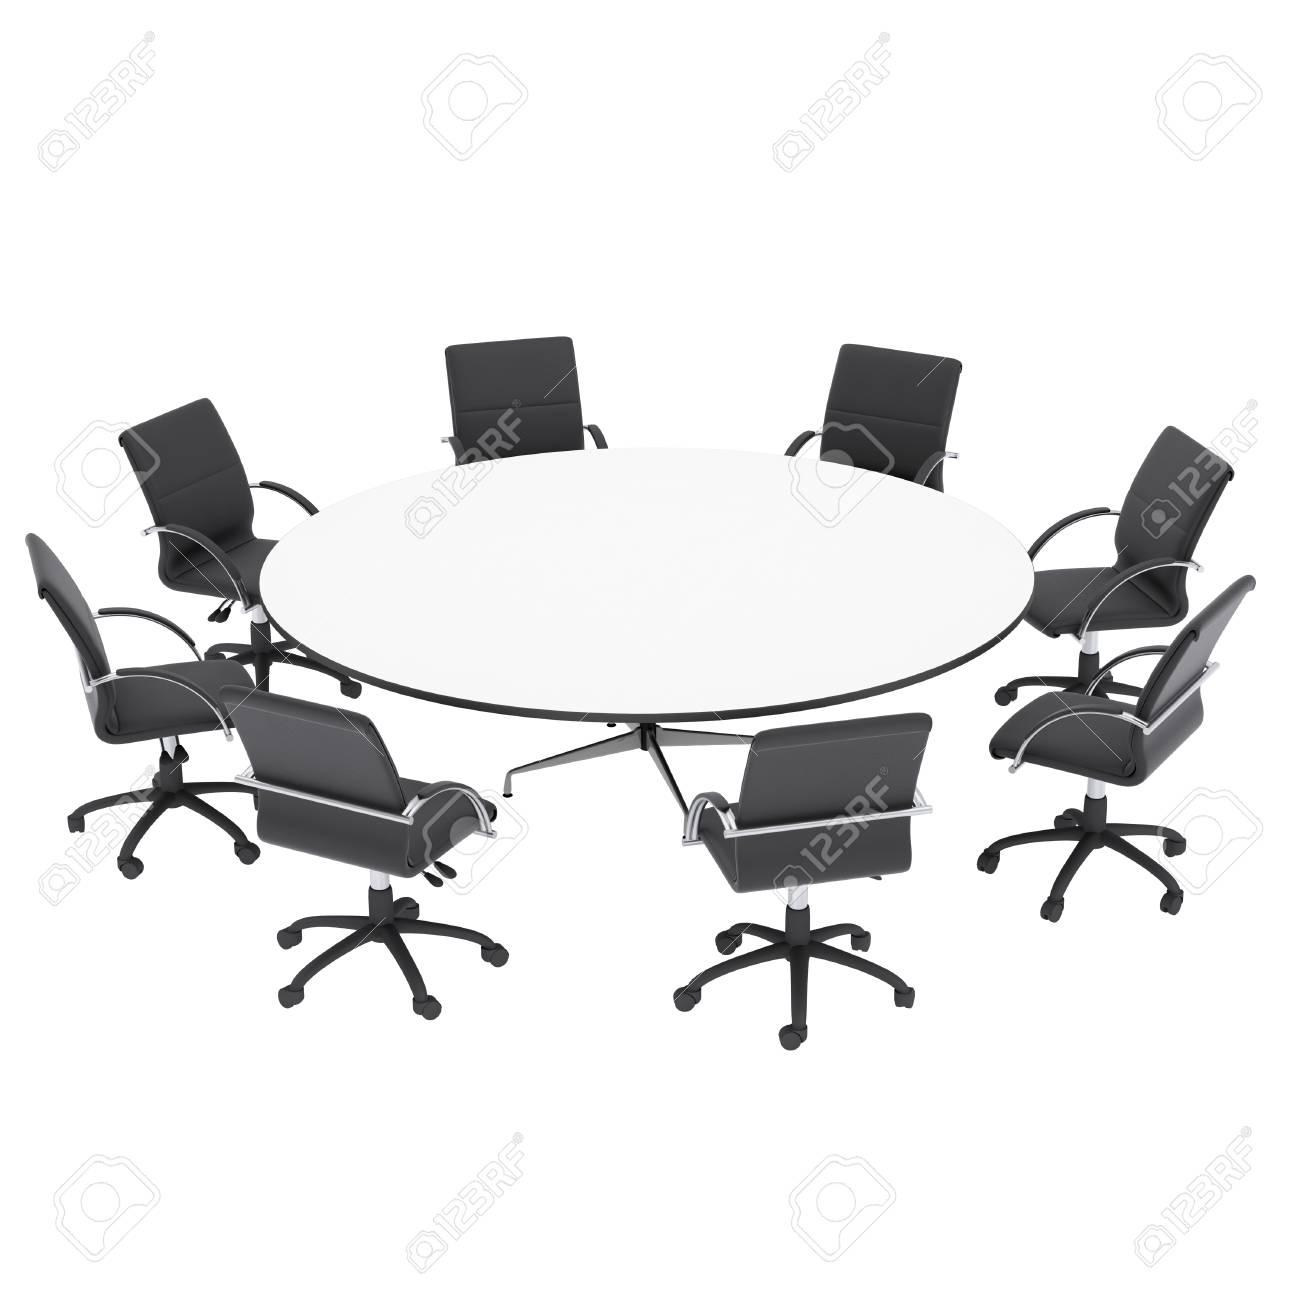 Les Chaises De Bureau Et Table Ronde Isol Rendre Sur Un Fond Blanc